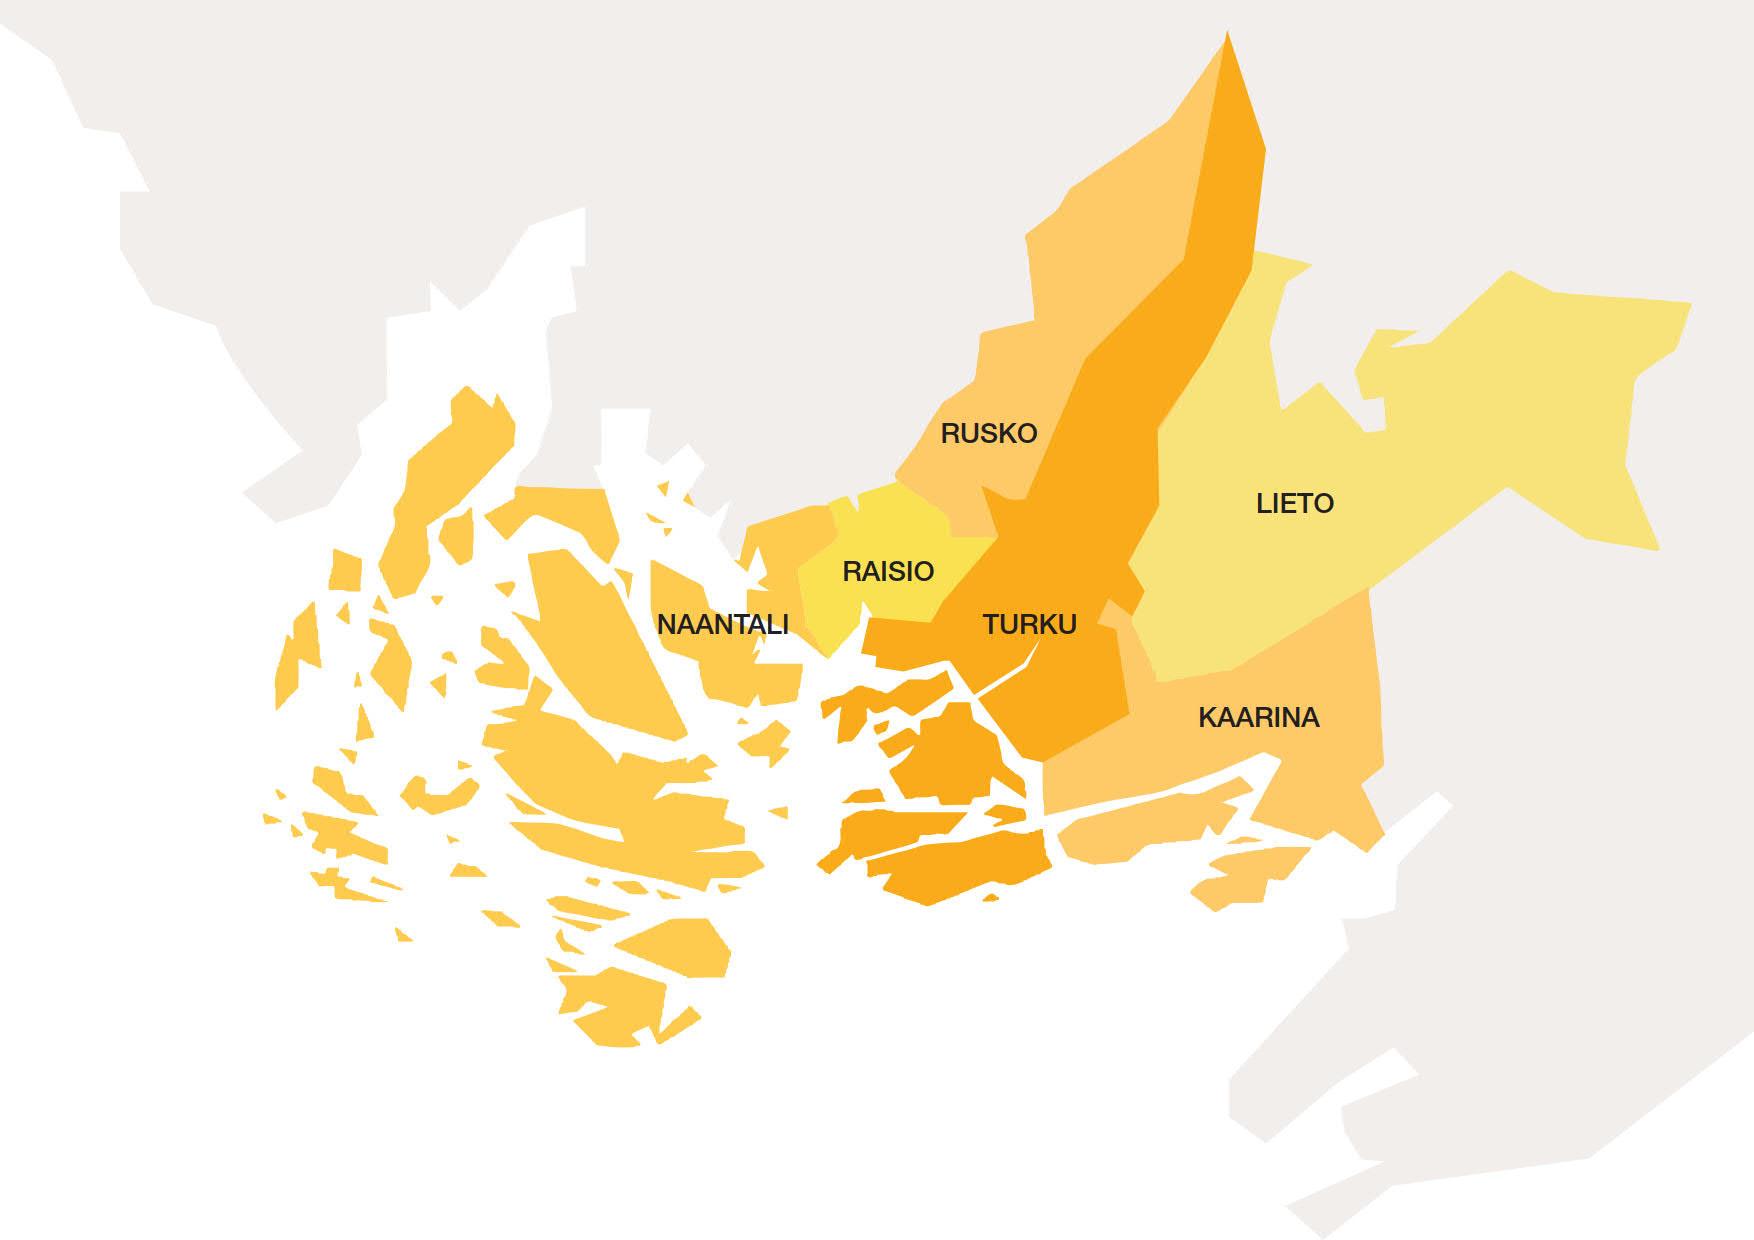 Fölin aluekartta